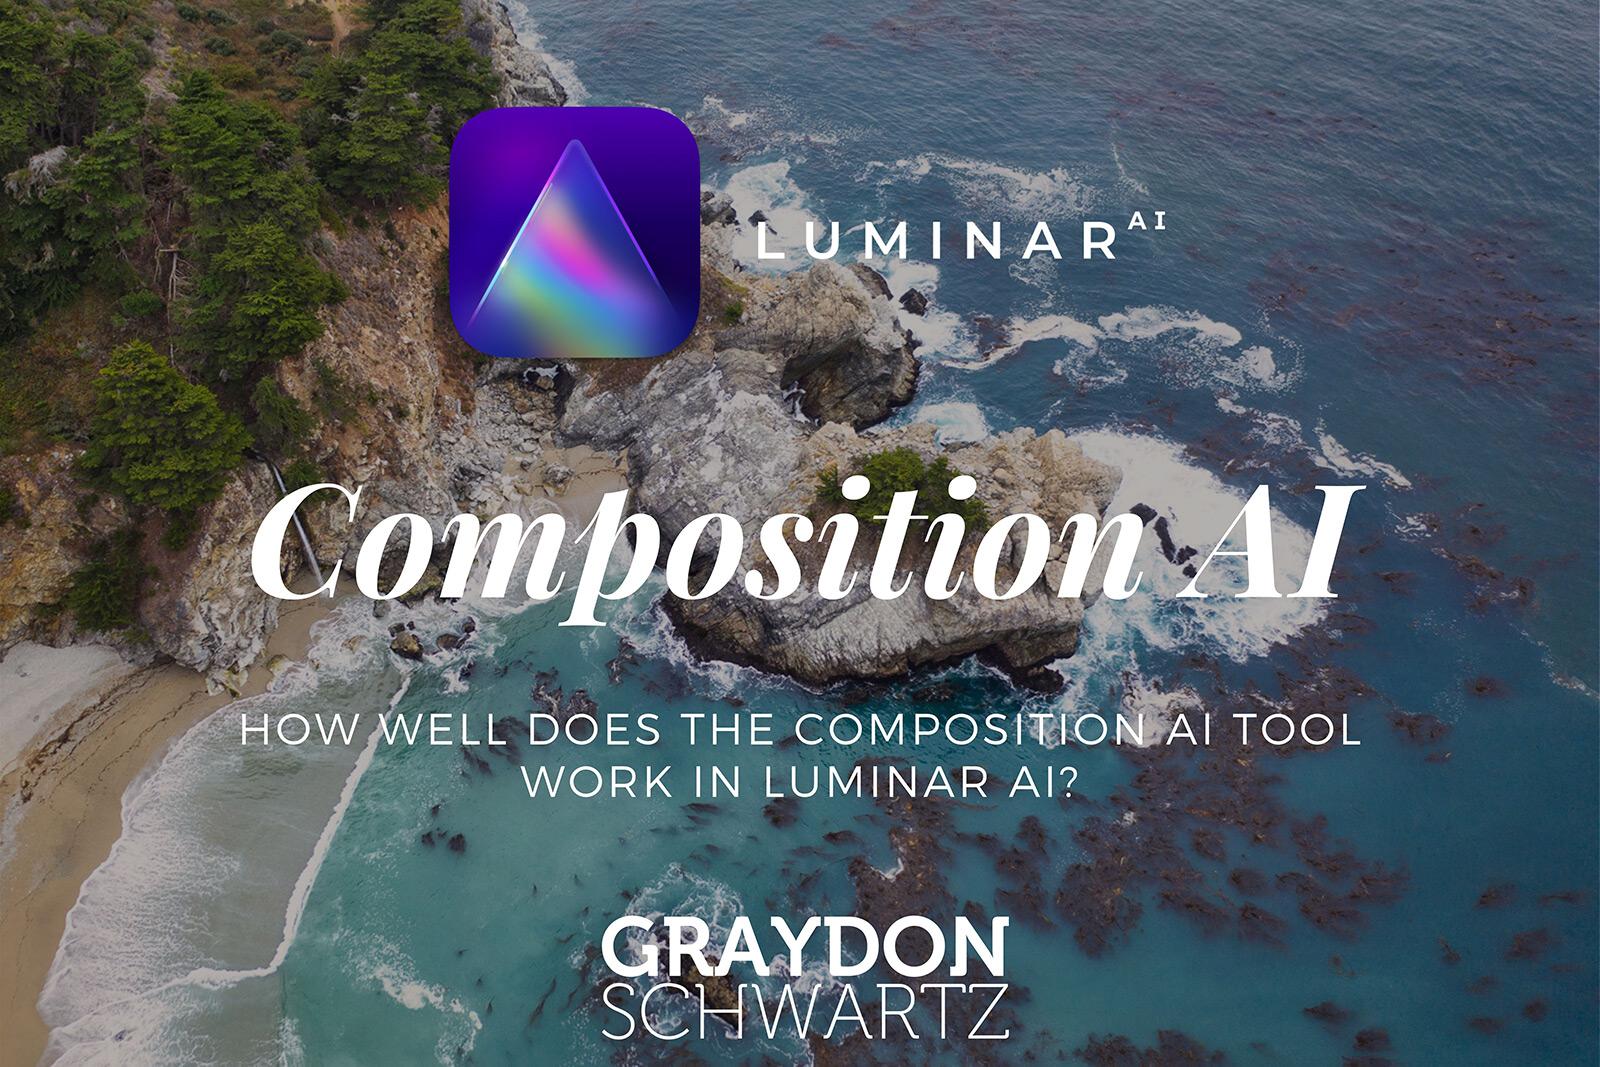 ¿Qué tal funciona la herramienta de composición en Luminar AI?